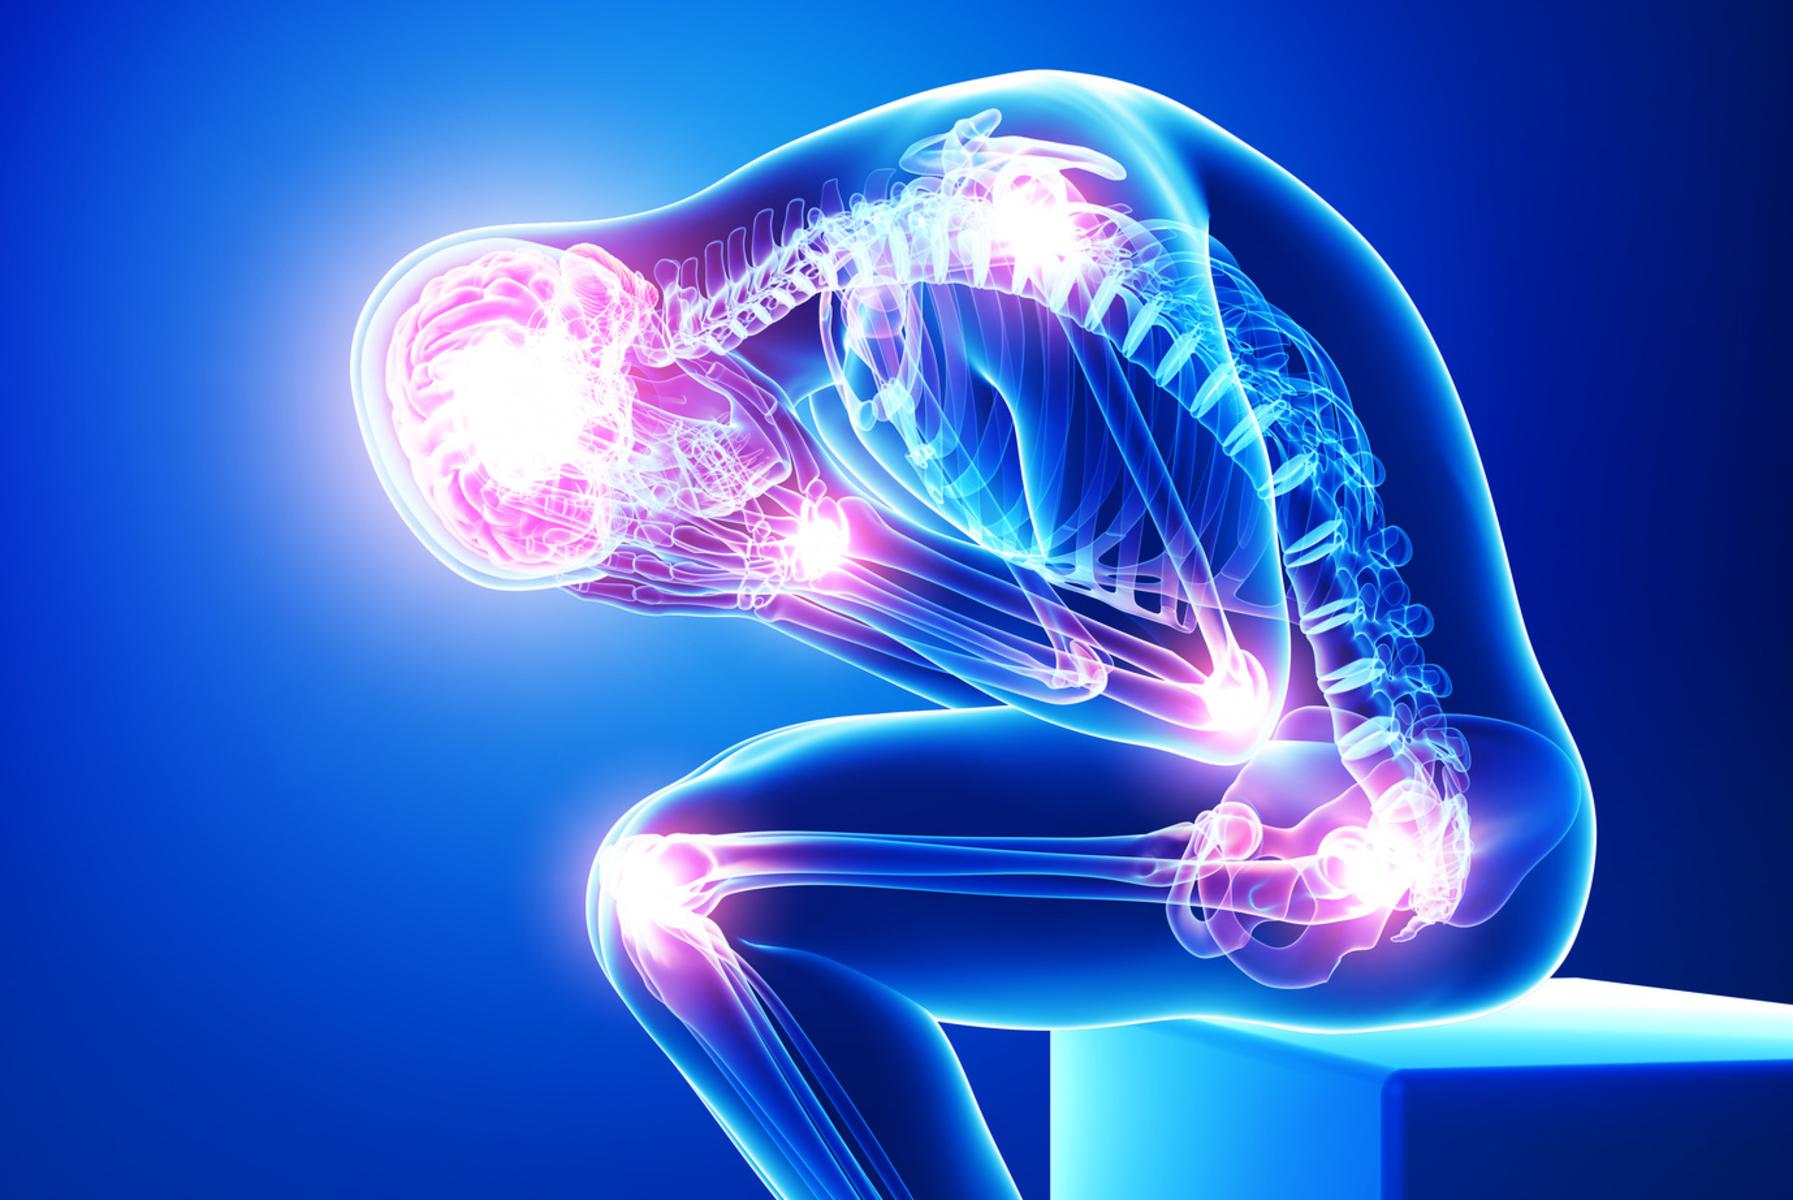 """Résultat de recherche d'images pour """"journée mondiale fibromyalgie 2018"""""""